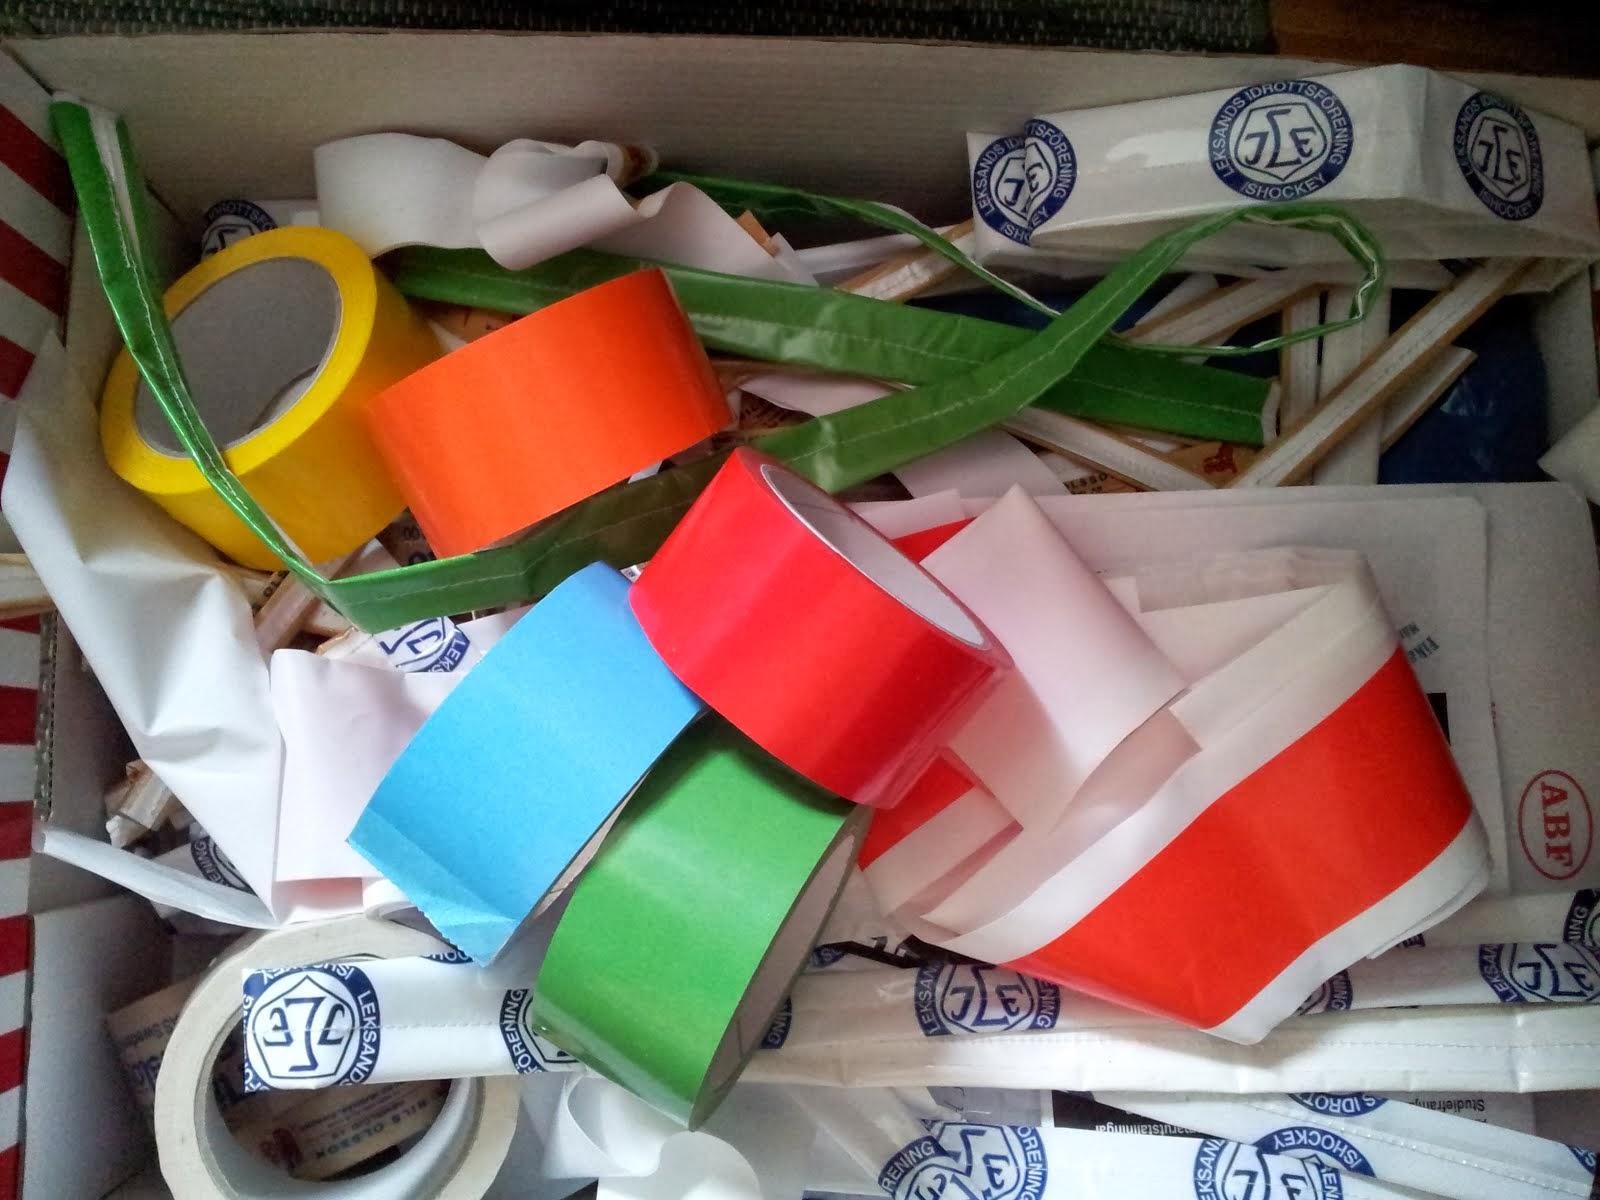 Packtejpsrullar finns i många färger och företagsdesignade mönster.